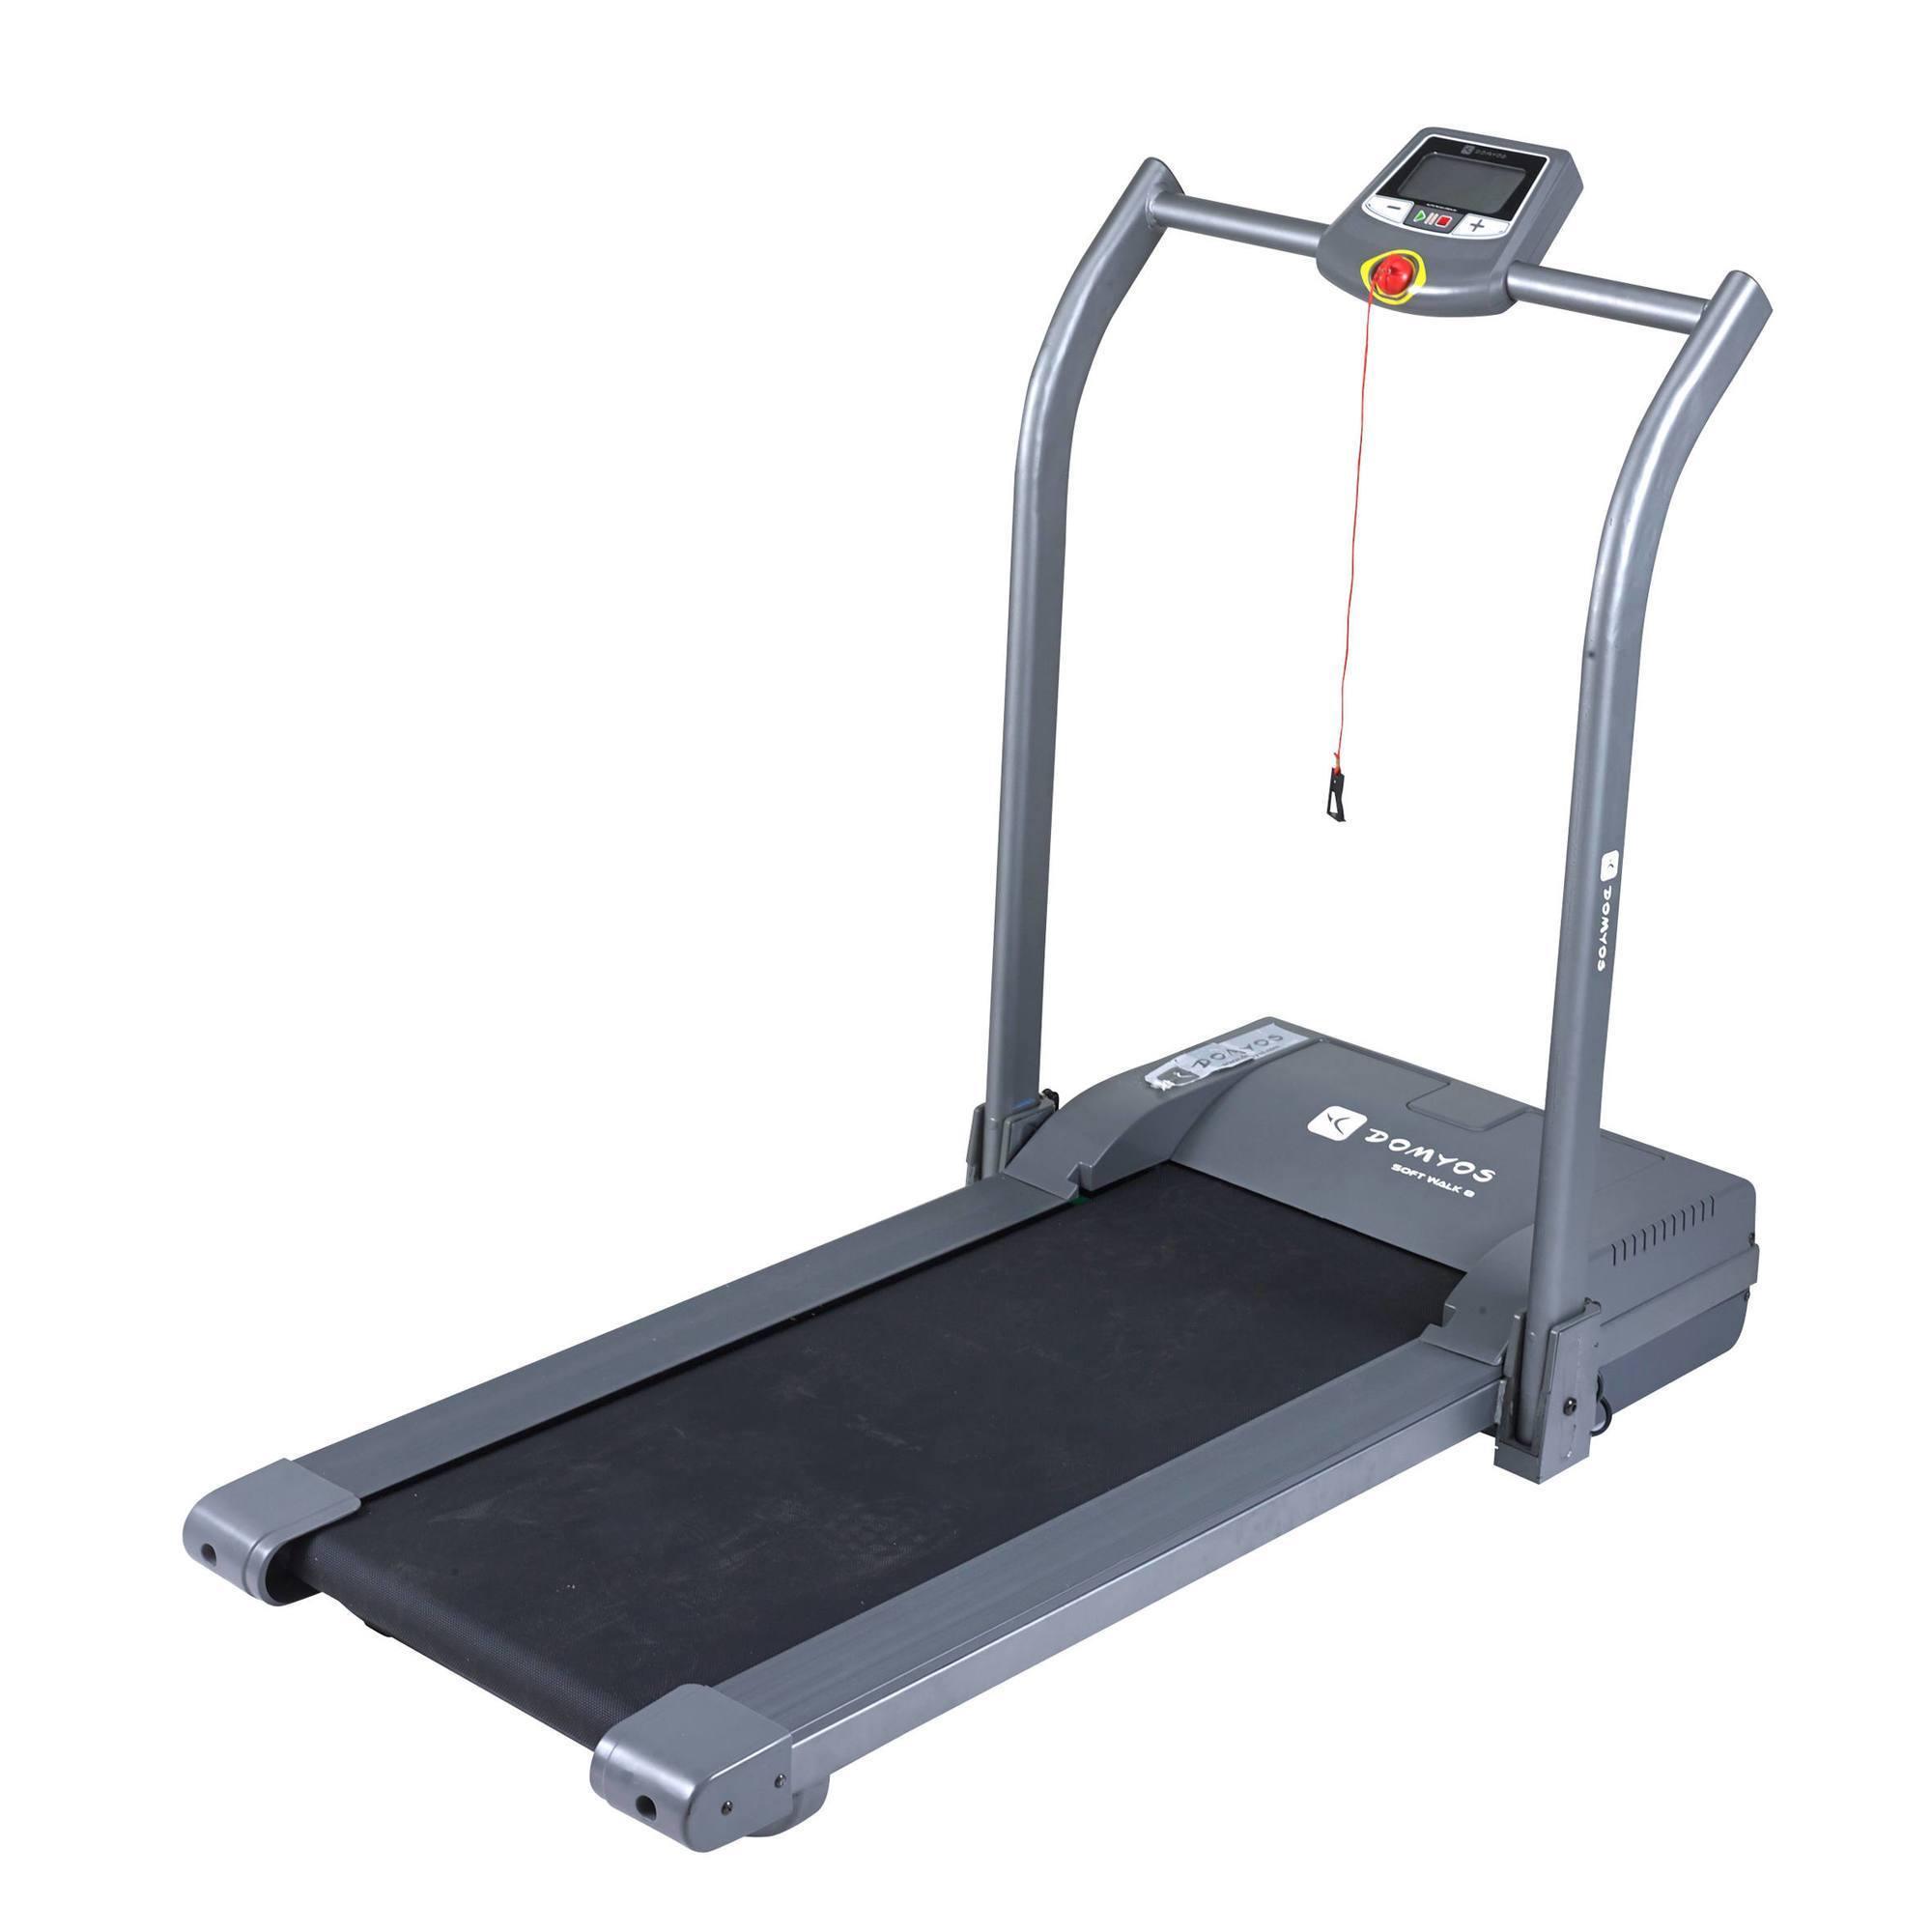 Tapis roulant marche muscu maison - Tapis de marche pour maigrir ...